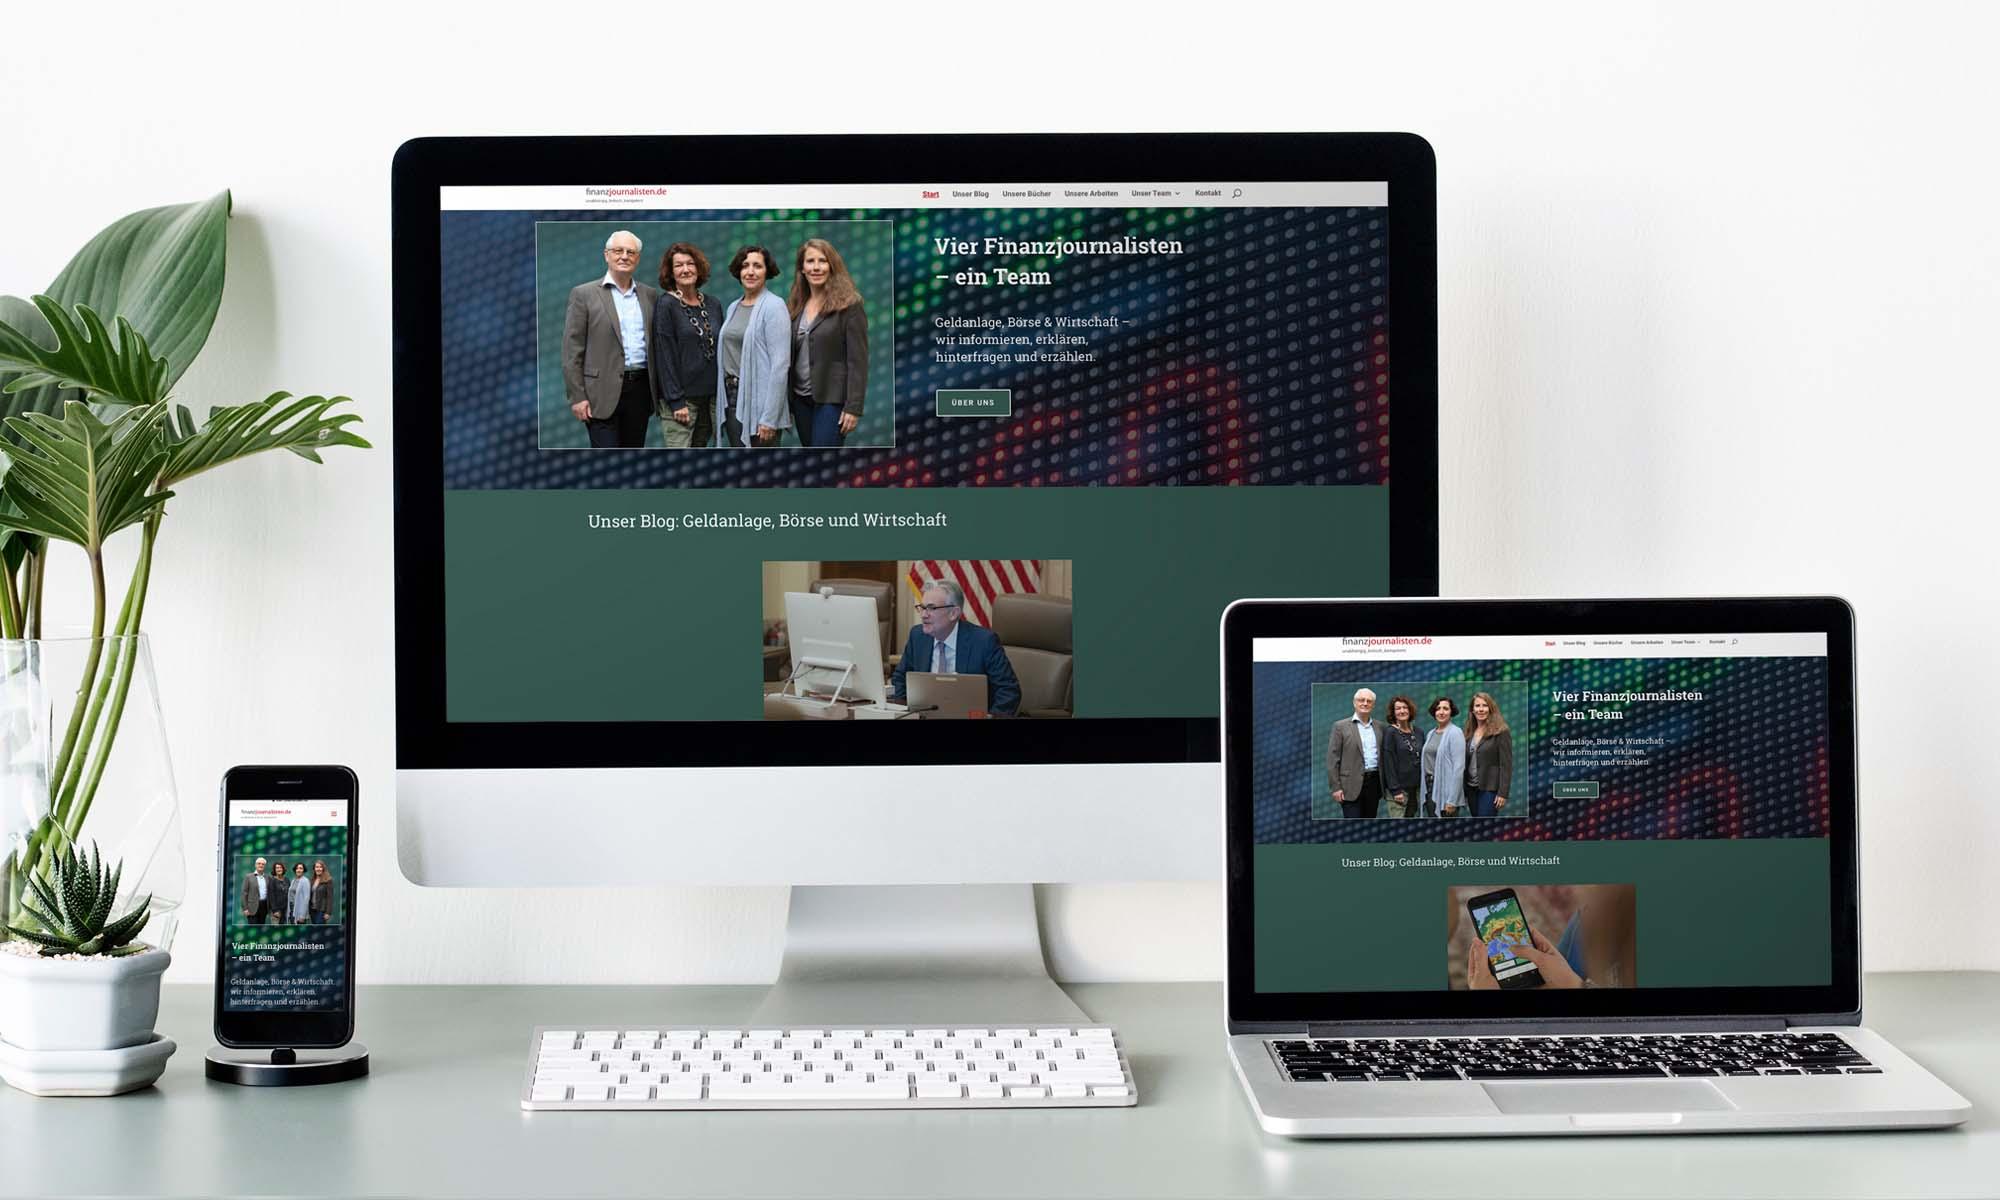 Webseite und Blog auf einer responsiven Homepage